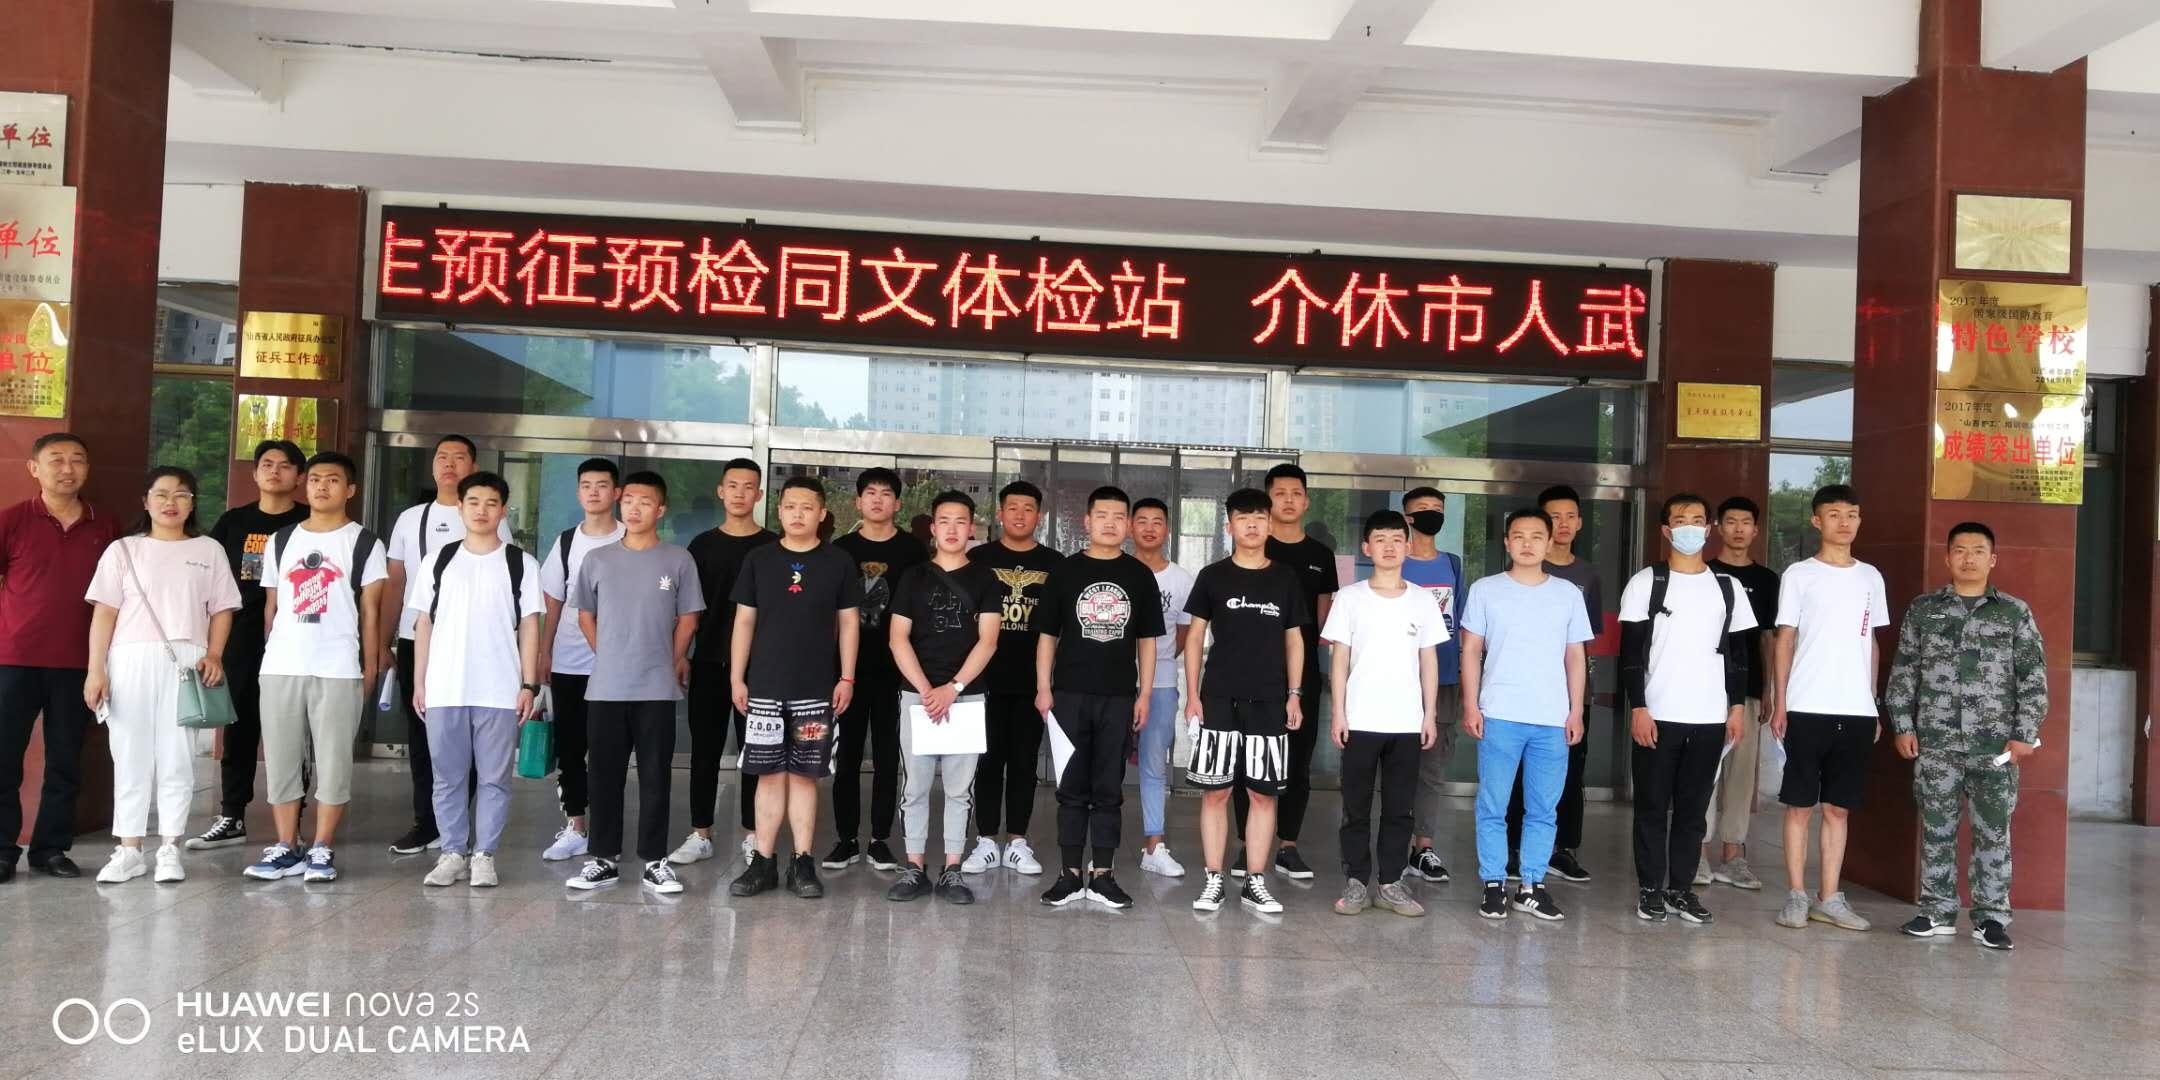 同文学院30名学生积极响应国家号召踊跃报名参军